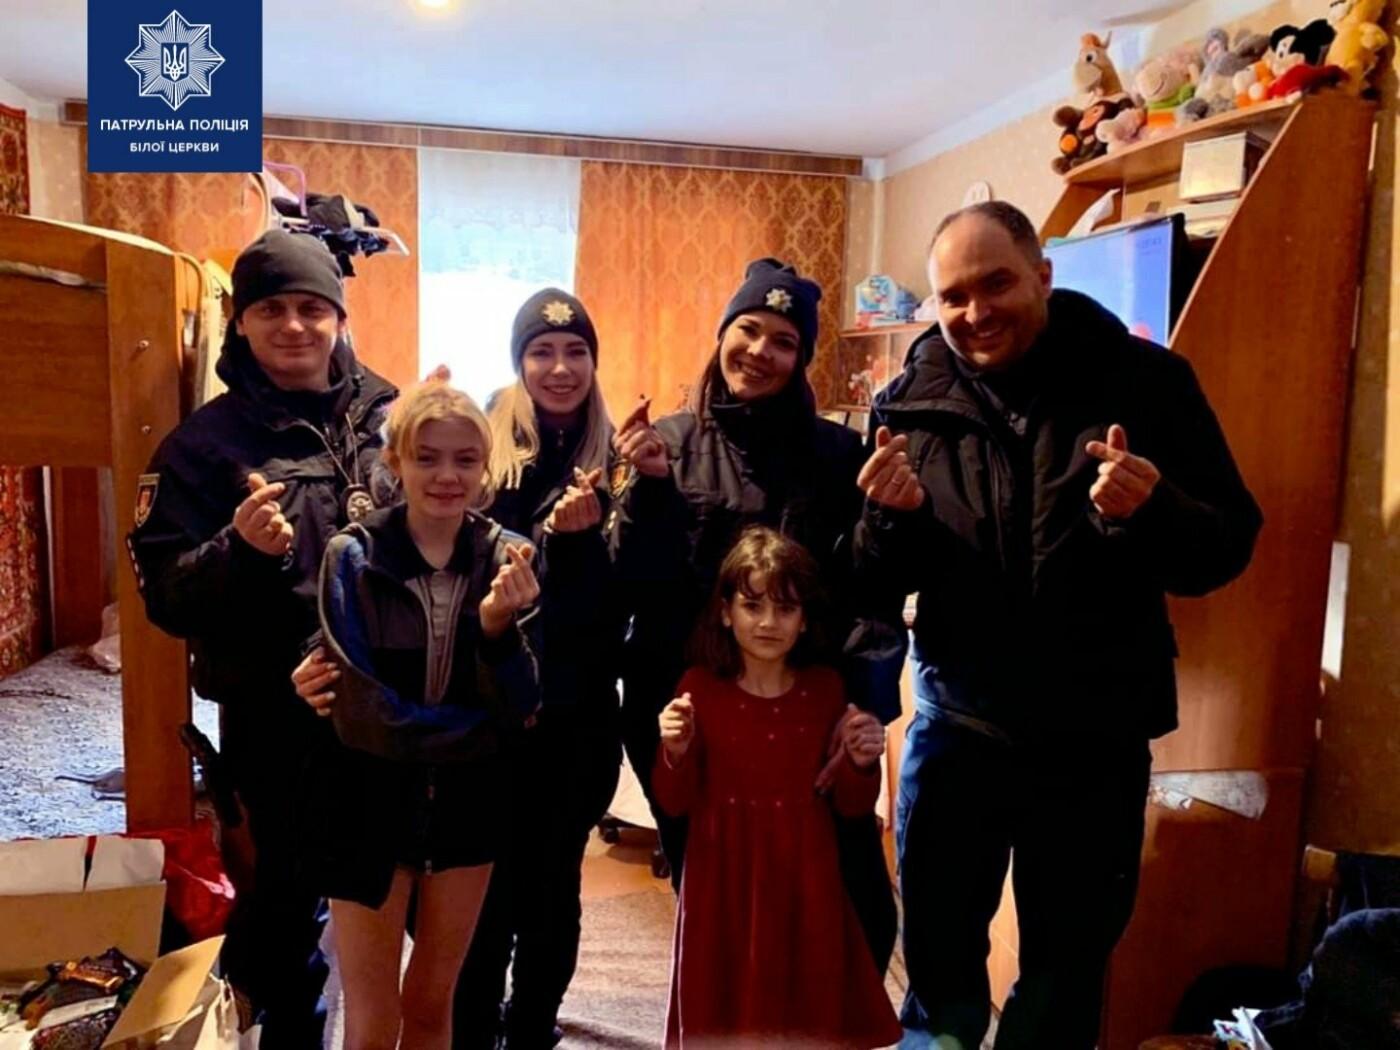 Білоцерківські патрульні та патрульний капелан привітали діток зі святами, фото-5